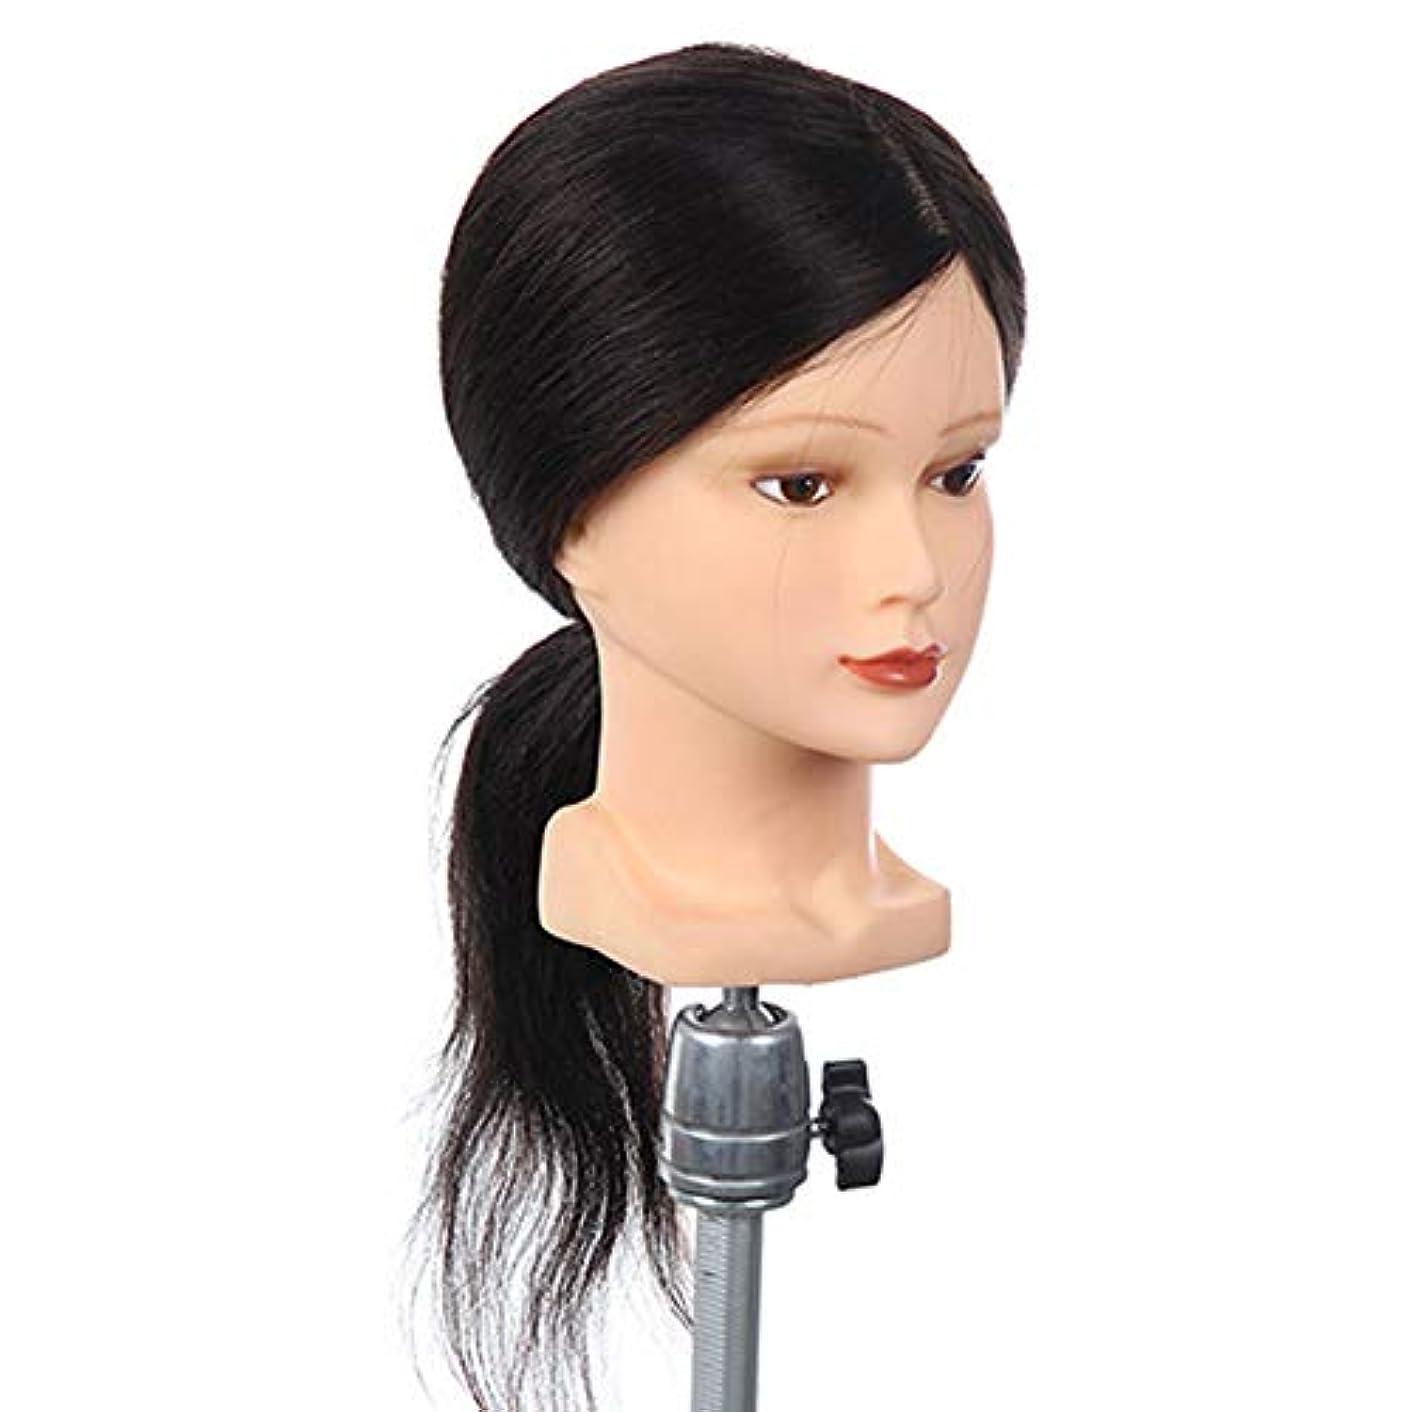 沼地施し死100%本物の髪型モデルヘッド花嫁ヘアエクササイズヘッド金型理髪店学習ダミーヘッドはパーマ毛髪染料することができます